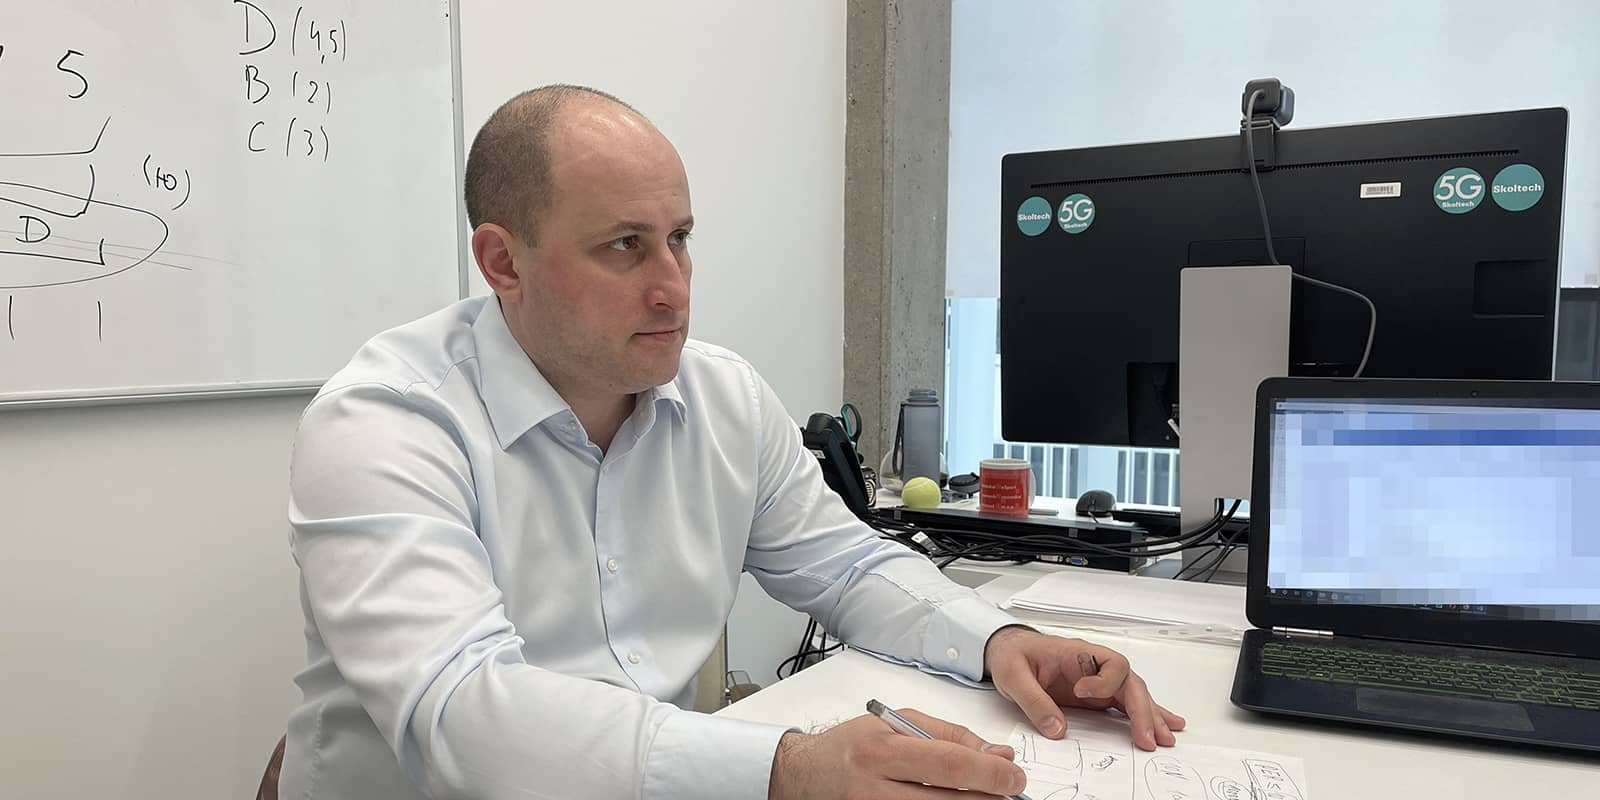 На канале Leader-ID в Яндекс.Дзен опубликовано большое интервью руководителя Центра компетенций НТИ на базе Сколтеха Дмитрия Лаконцева о развитии пятого и шестого поколений связи в России и мире. Удалось обсудить…